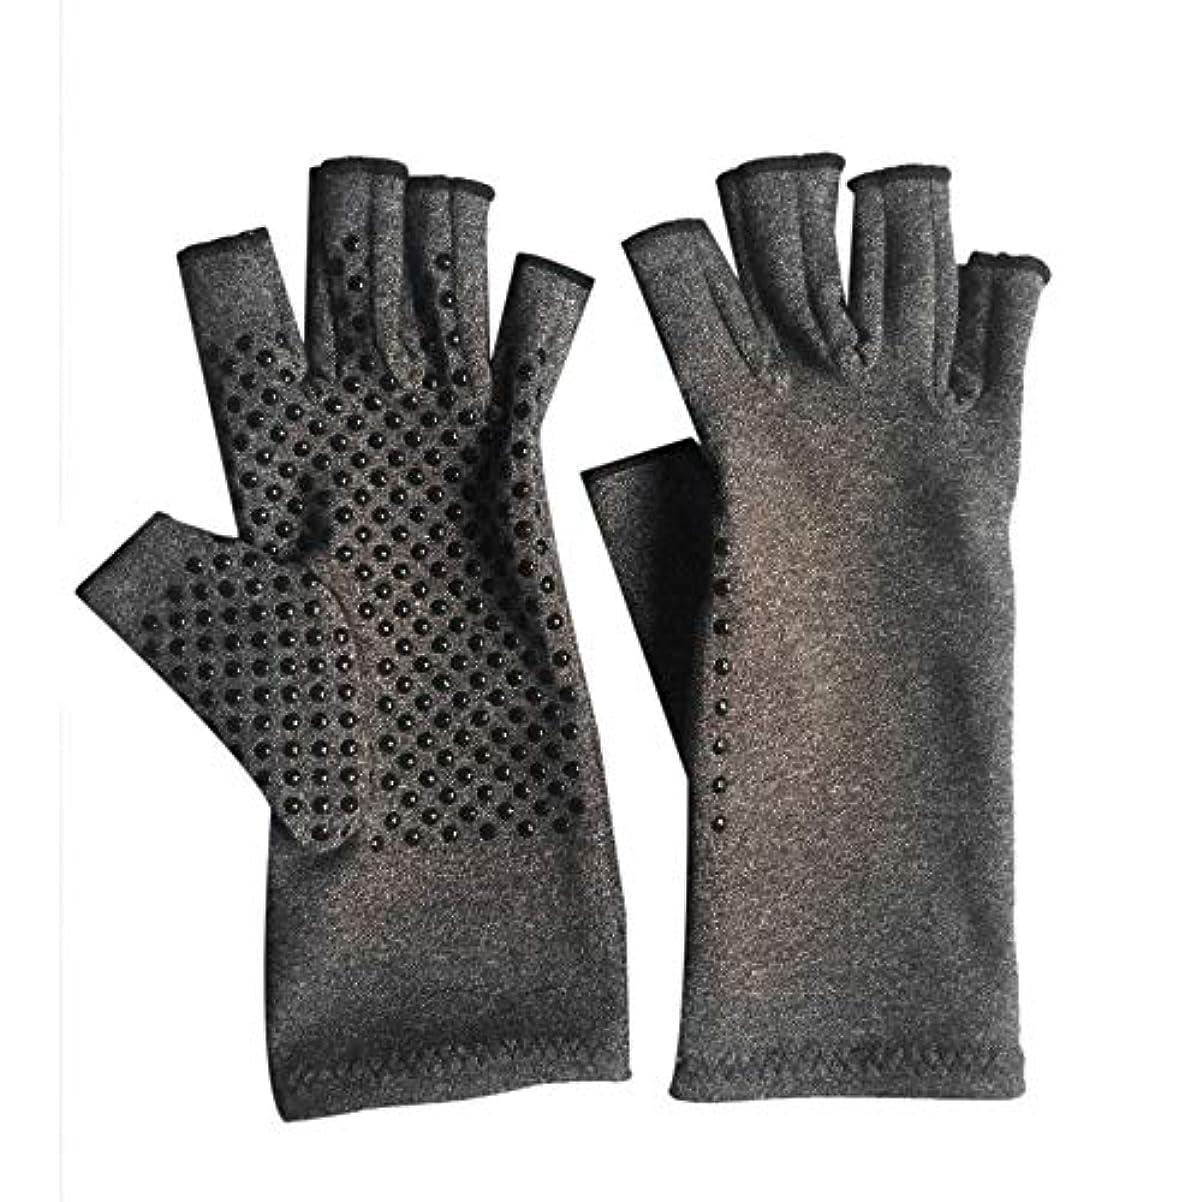 五十クランプ統治する1ペアユニセックス男性女性療法圧縮手袋関節炎関節痛緩和ヘルスケア半指手袋トレーニング手袋 - グレーM